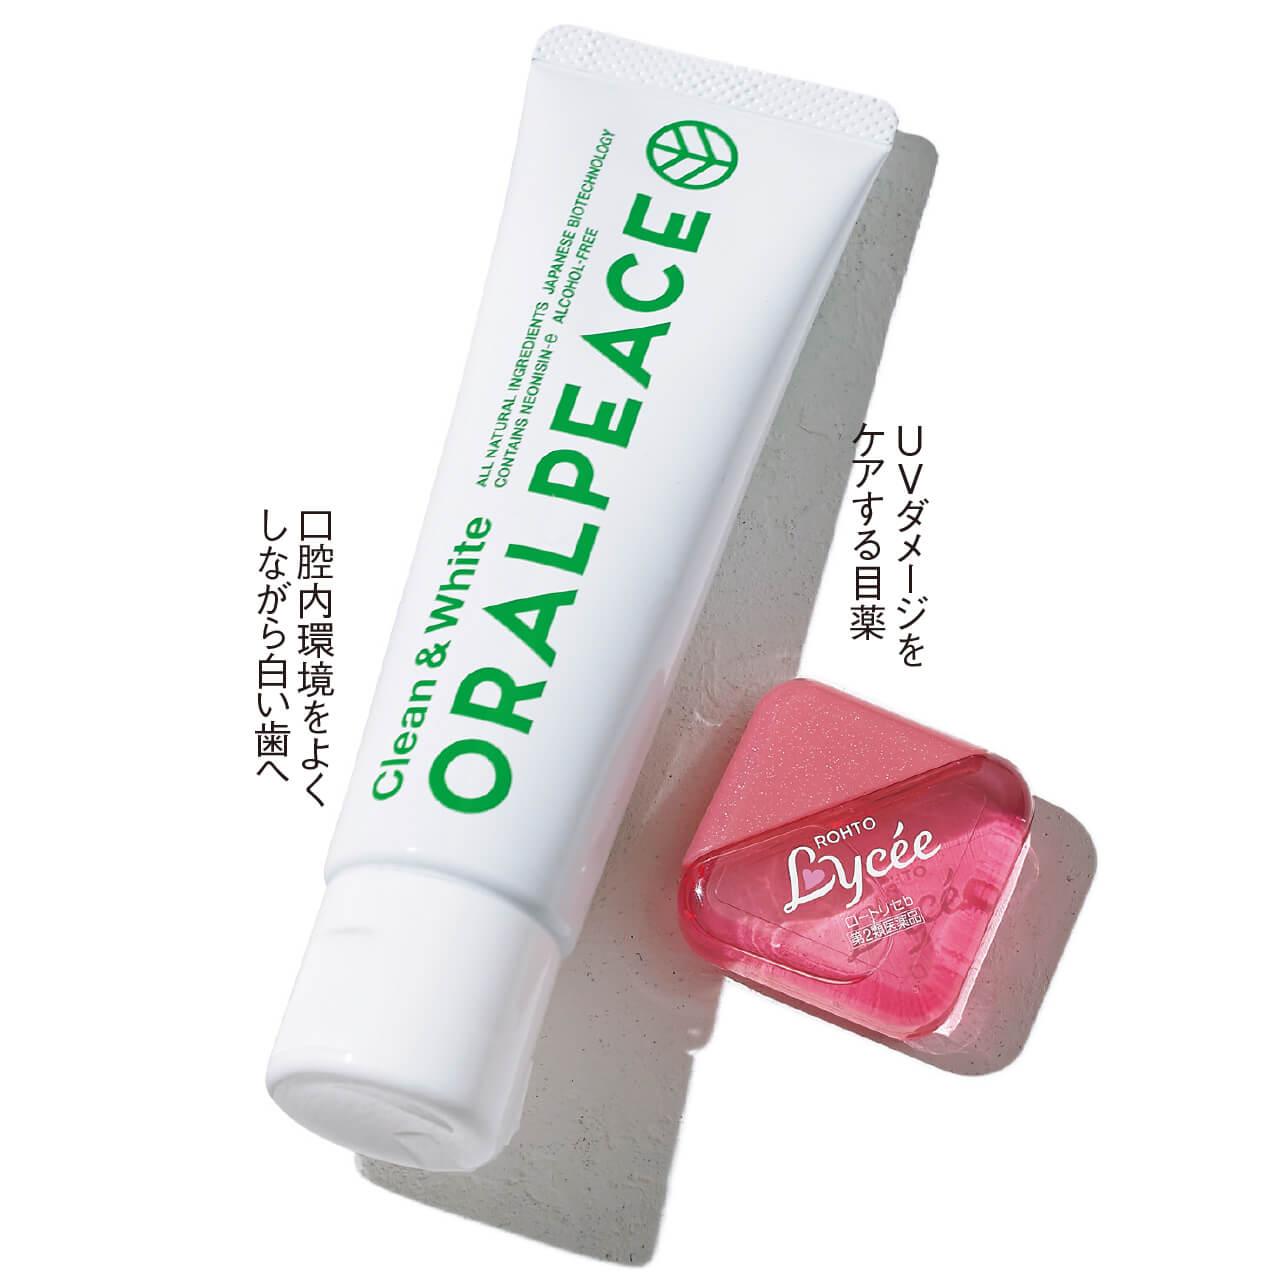 UVダメージを ケアする目薬(右)ロート リセb(第2類医薬品) 8㎖¥770(編集部調べ)/ロート製薬 (左)口腔内環境をよく しながら白い歯へ オーラルピース クリーン&ホワイト 80ℊ¥1650/トライフ